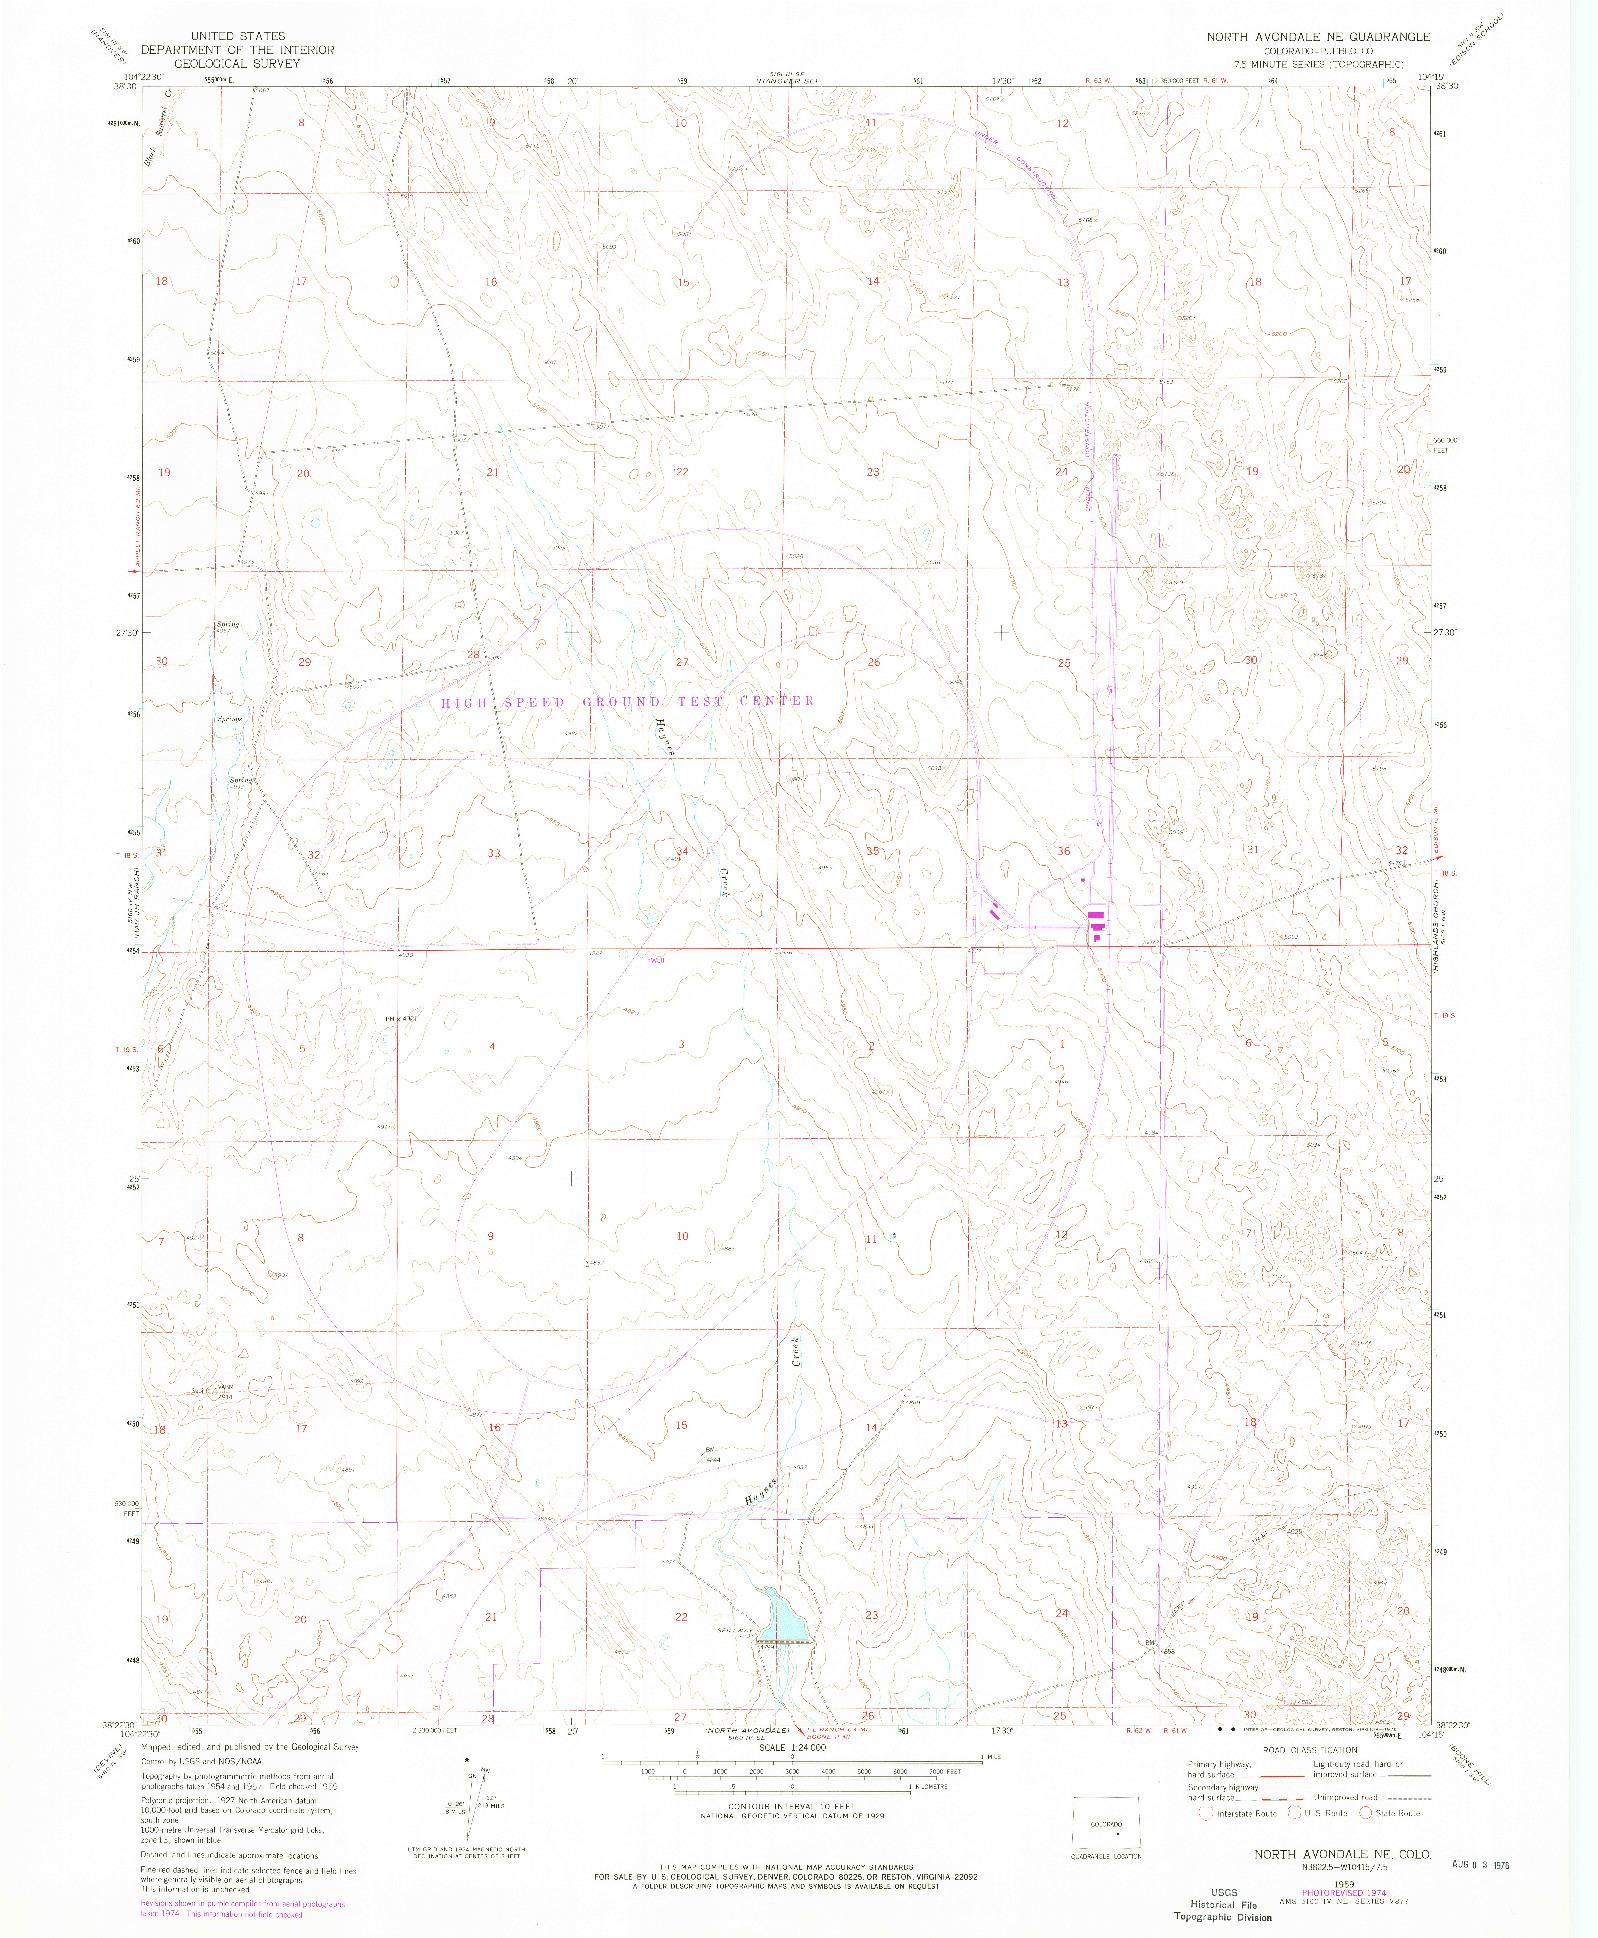 USGS 1:24000-SCALE QUADRANGLE FOR NORTH AVONDALE NE, CO 1960